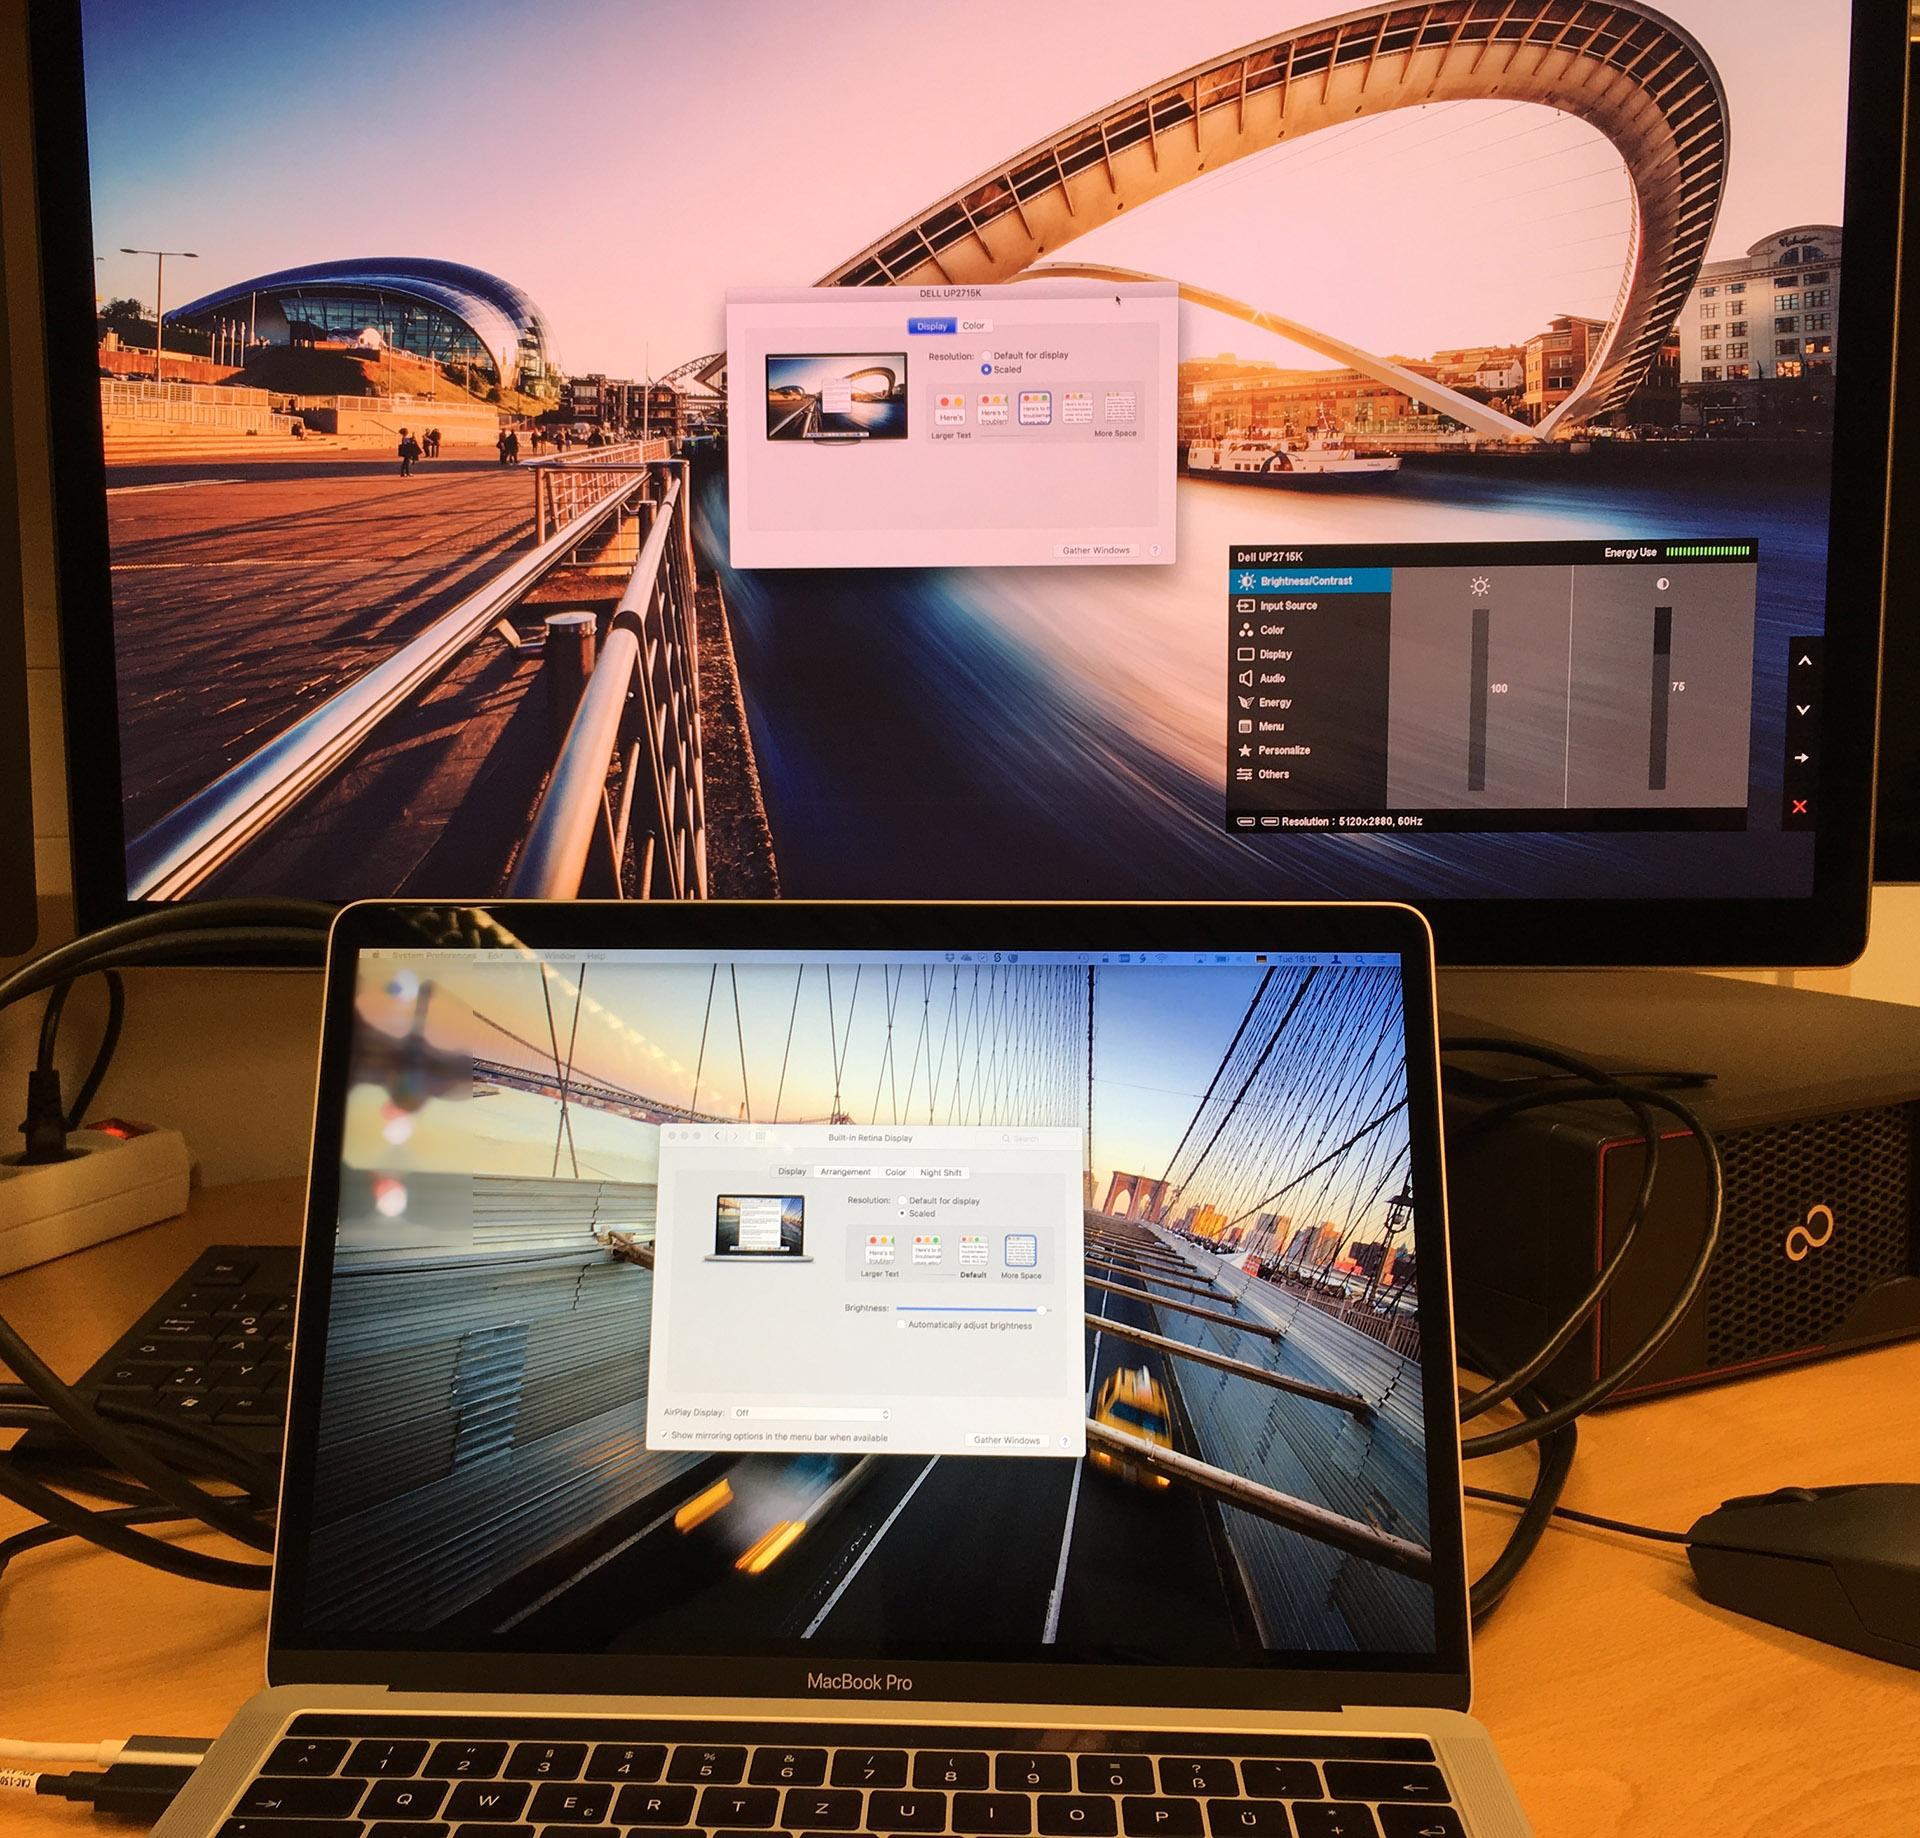 Dell UP2715K.jpg